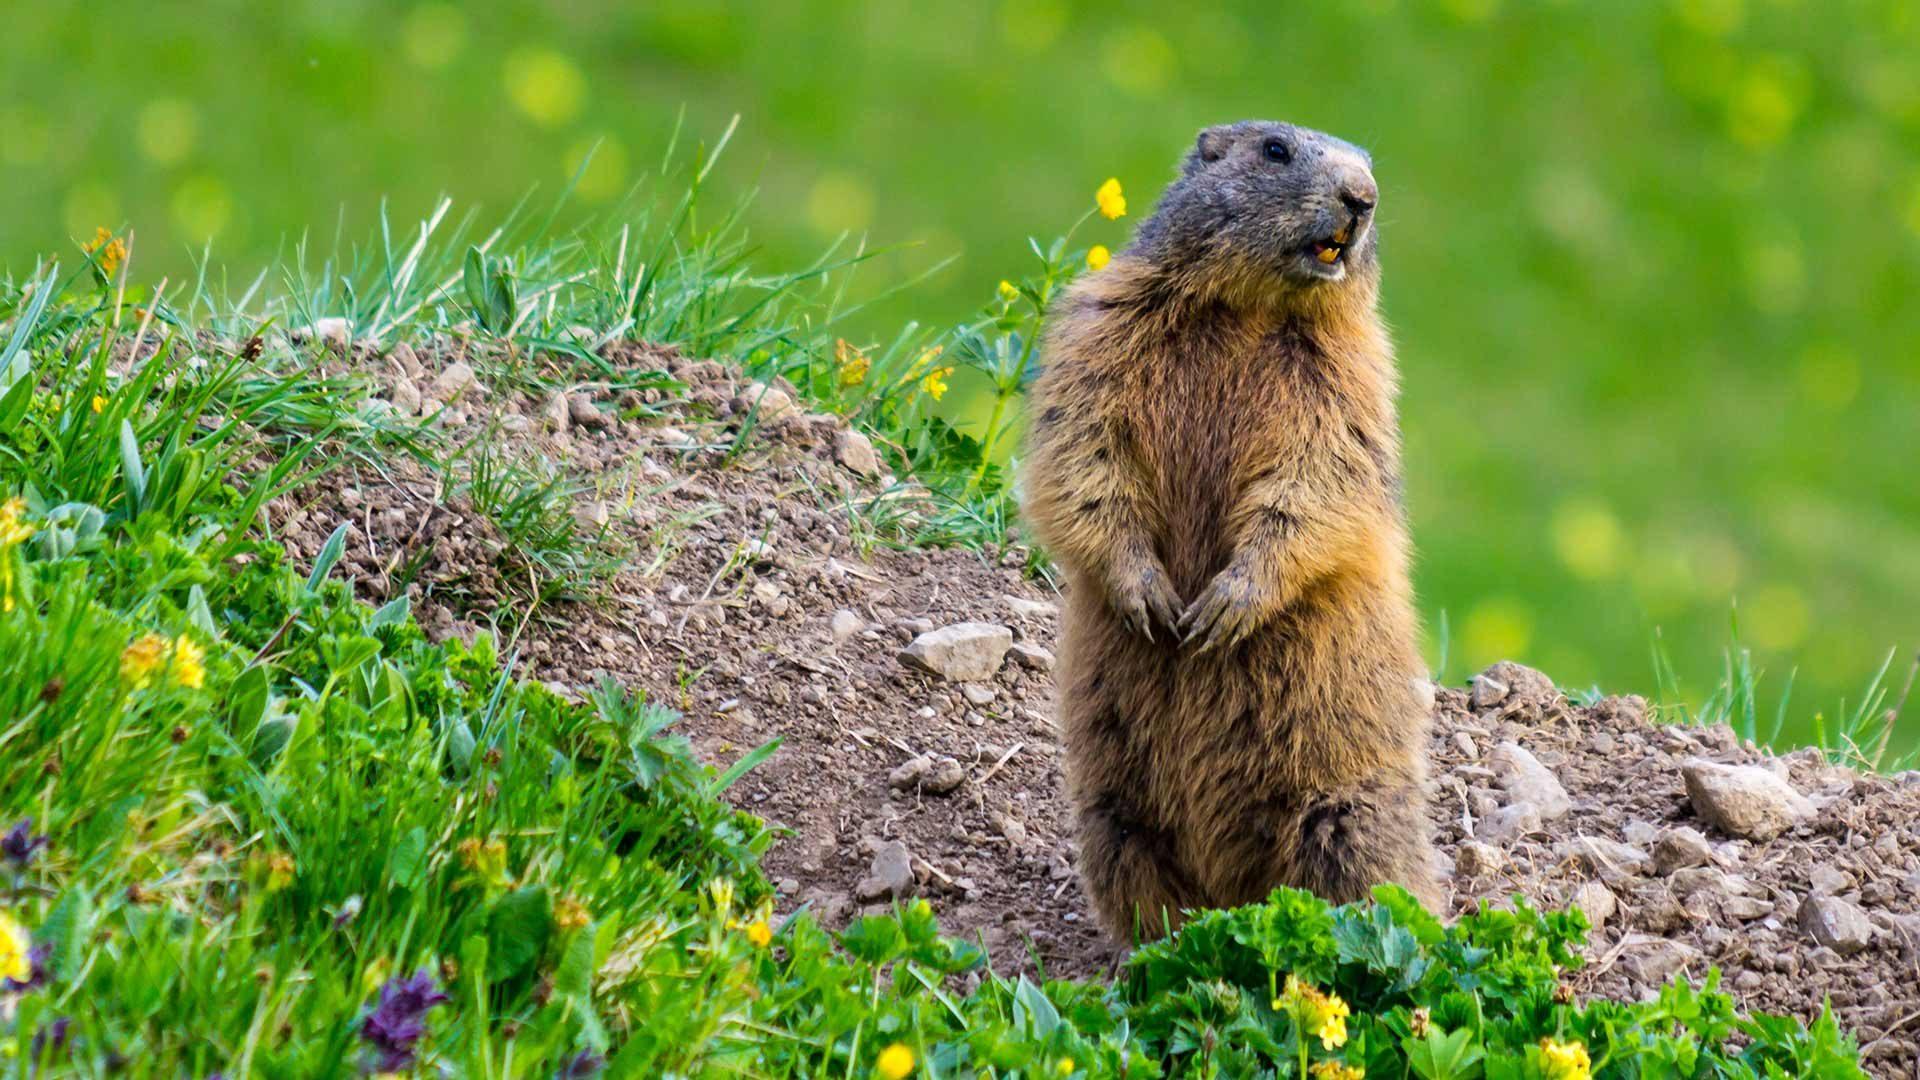 Centro Visite Gruppo di Tessa - Marmotta